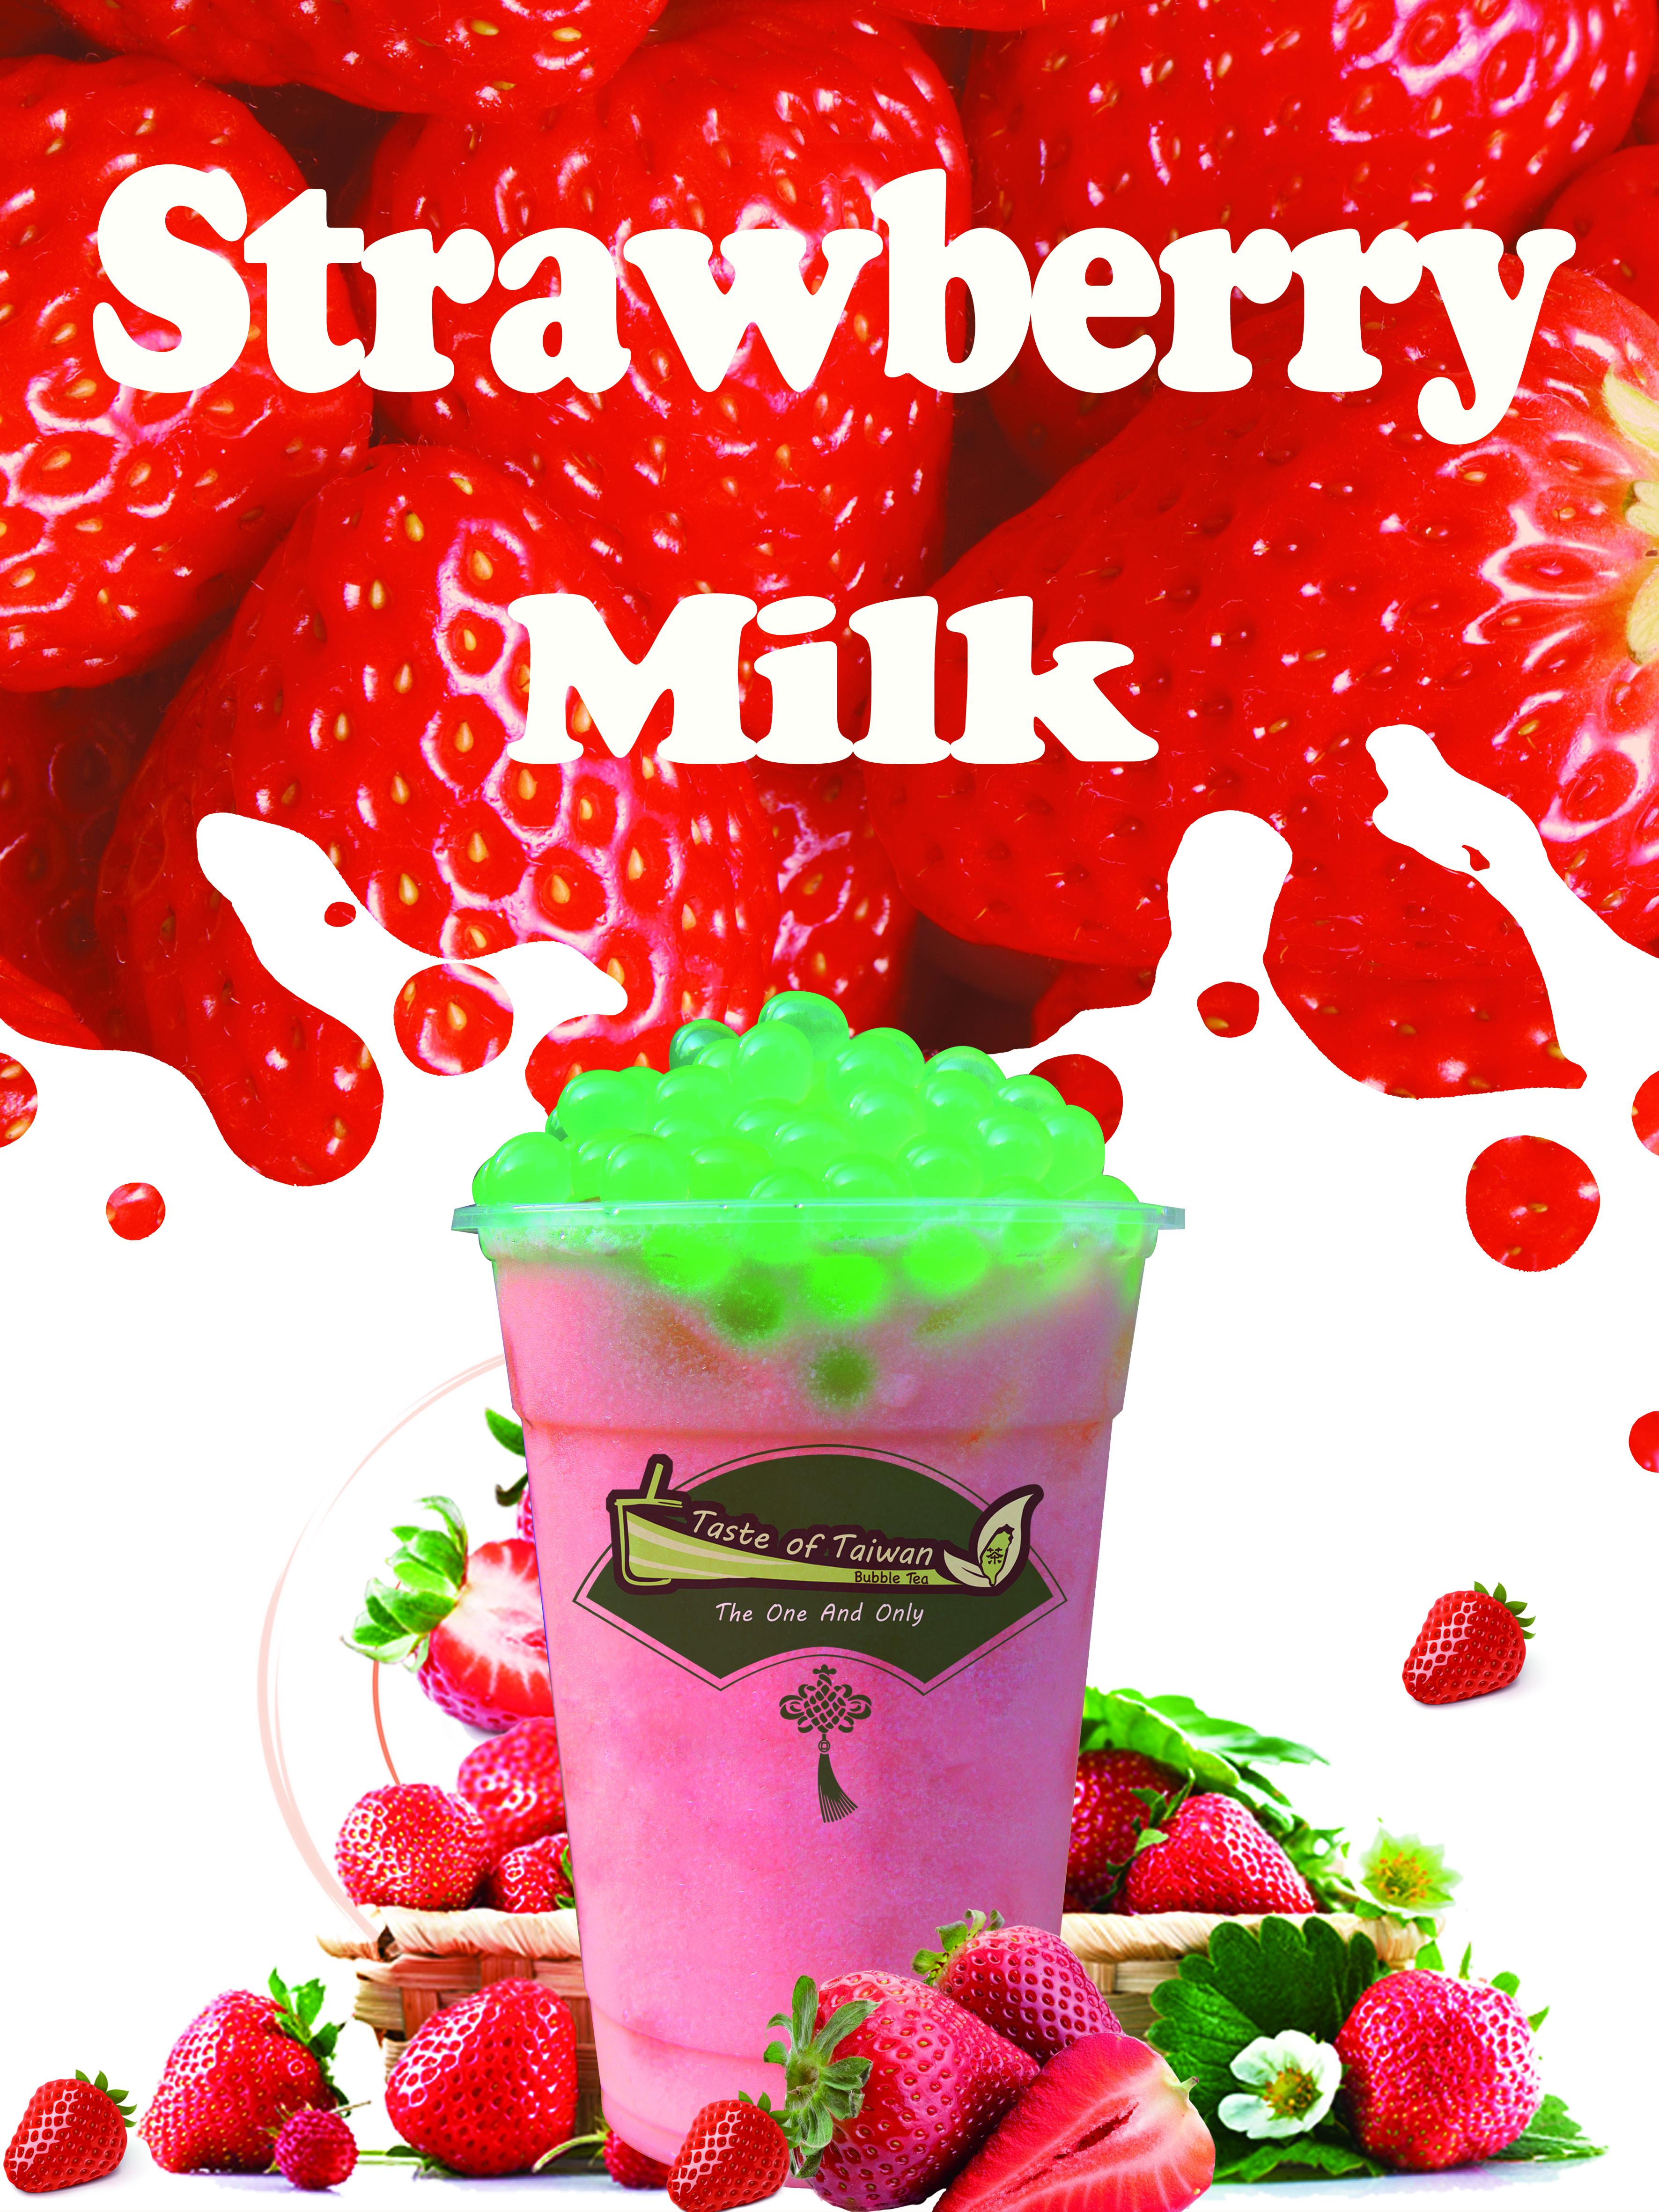 打印1张相纸 14.8x21cm 草莓奶茶